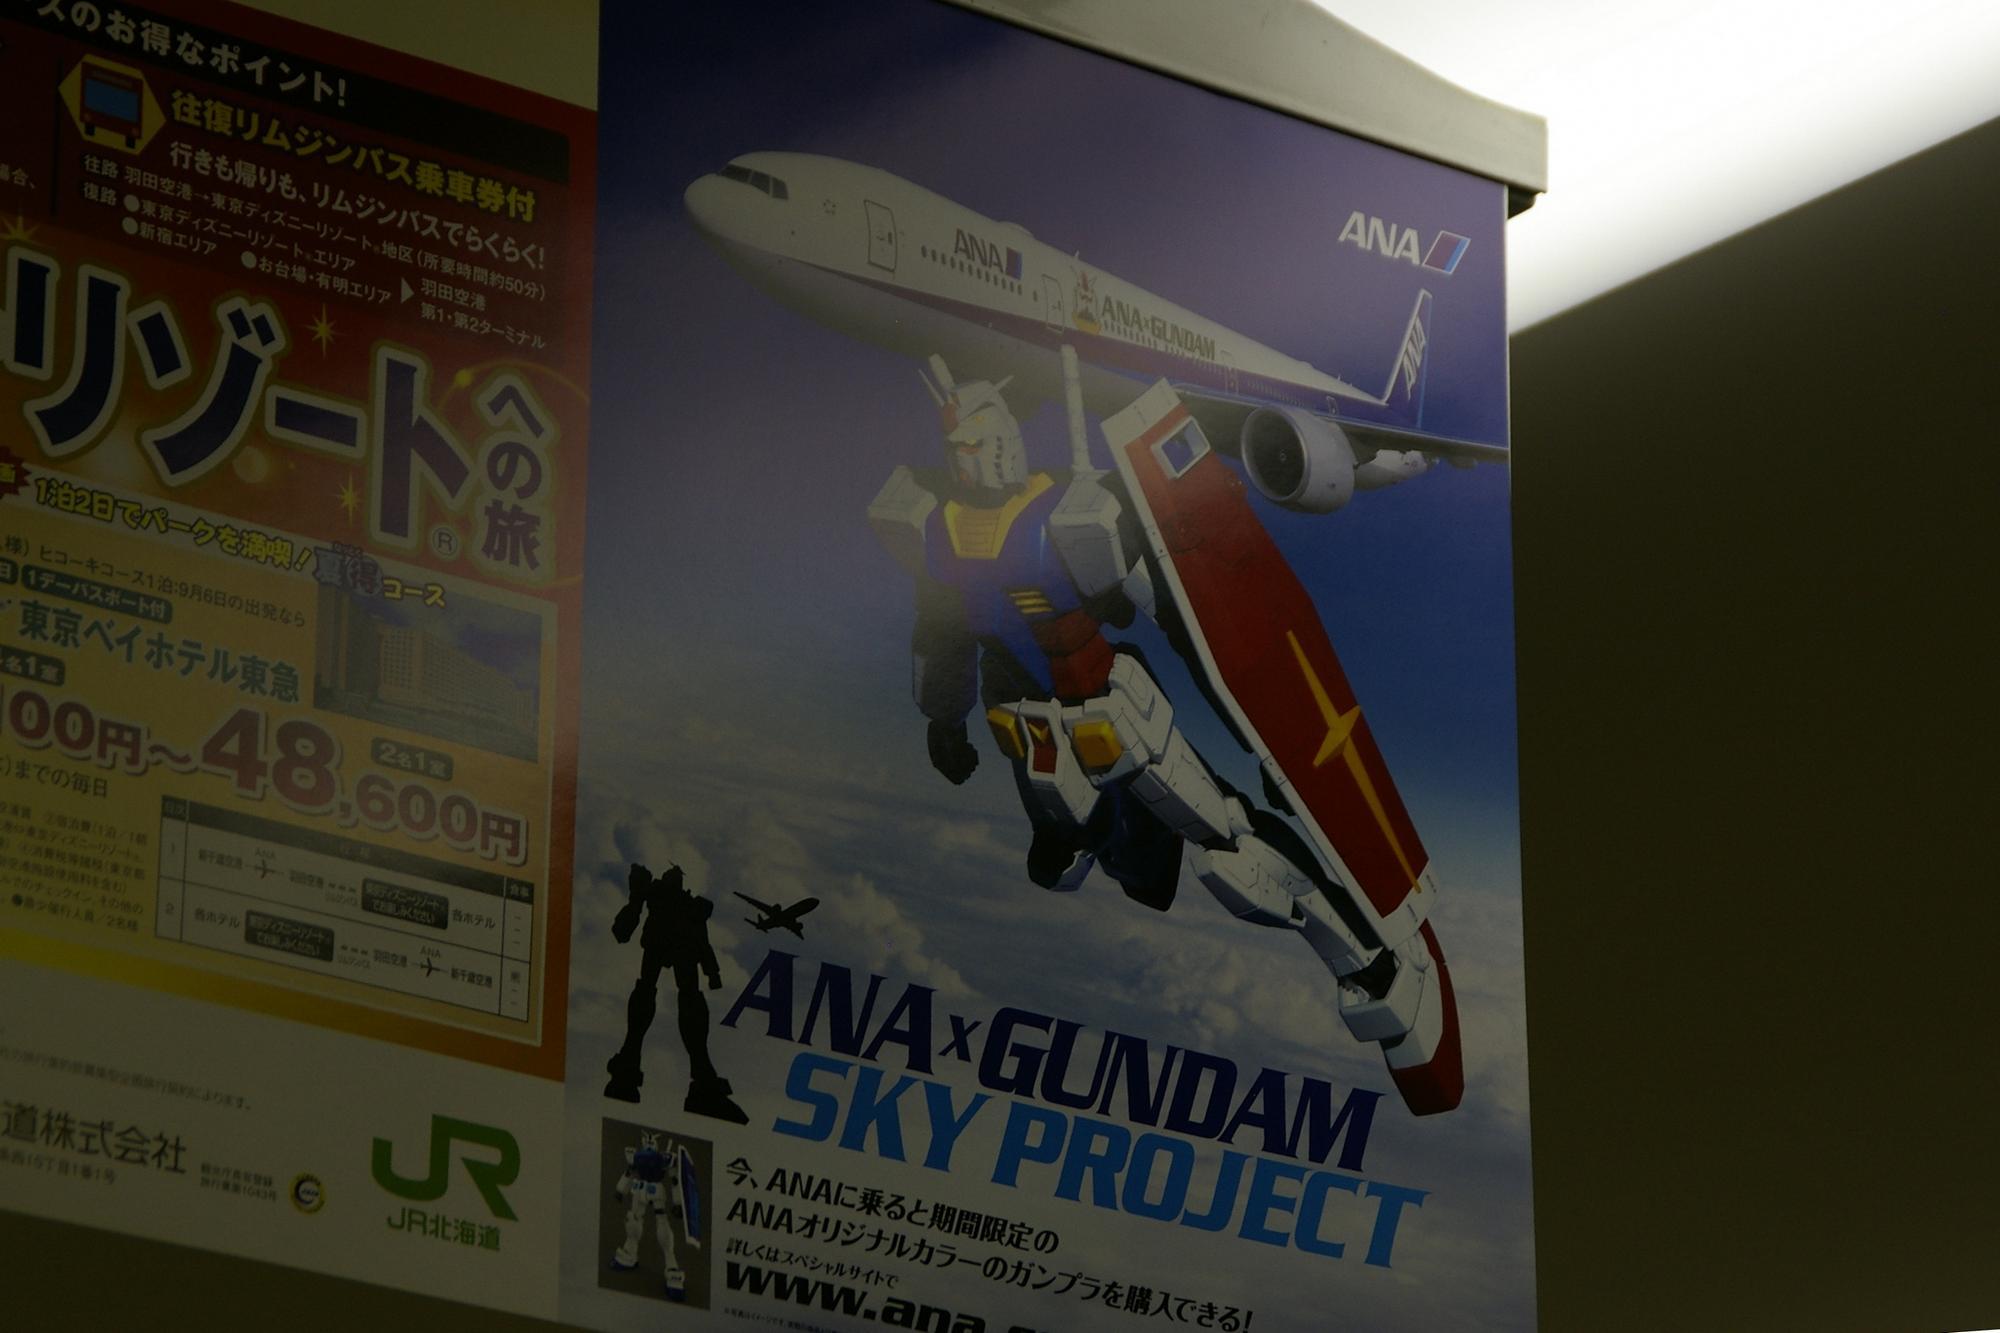 Gundam und ANA